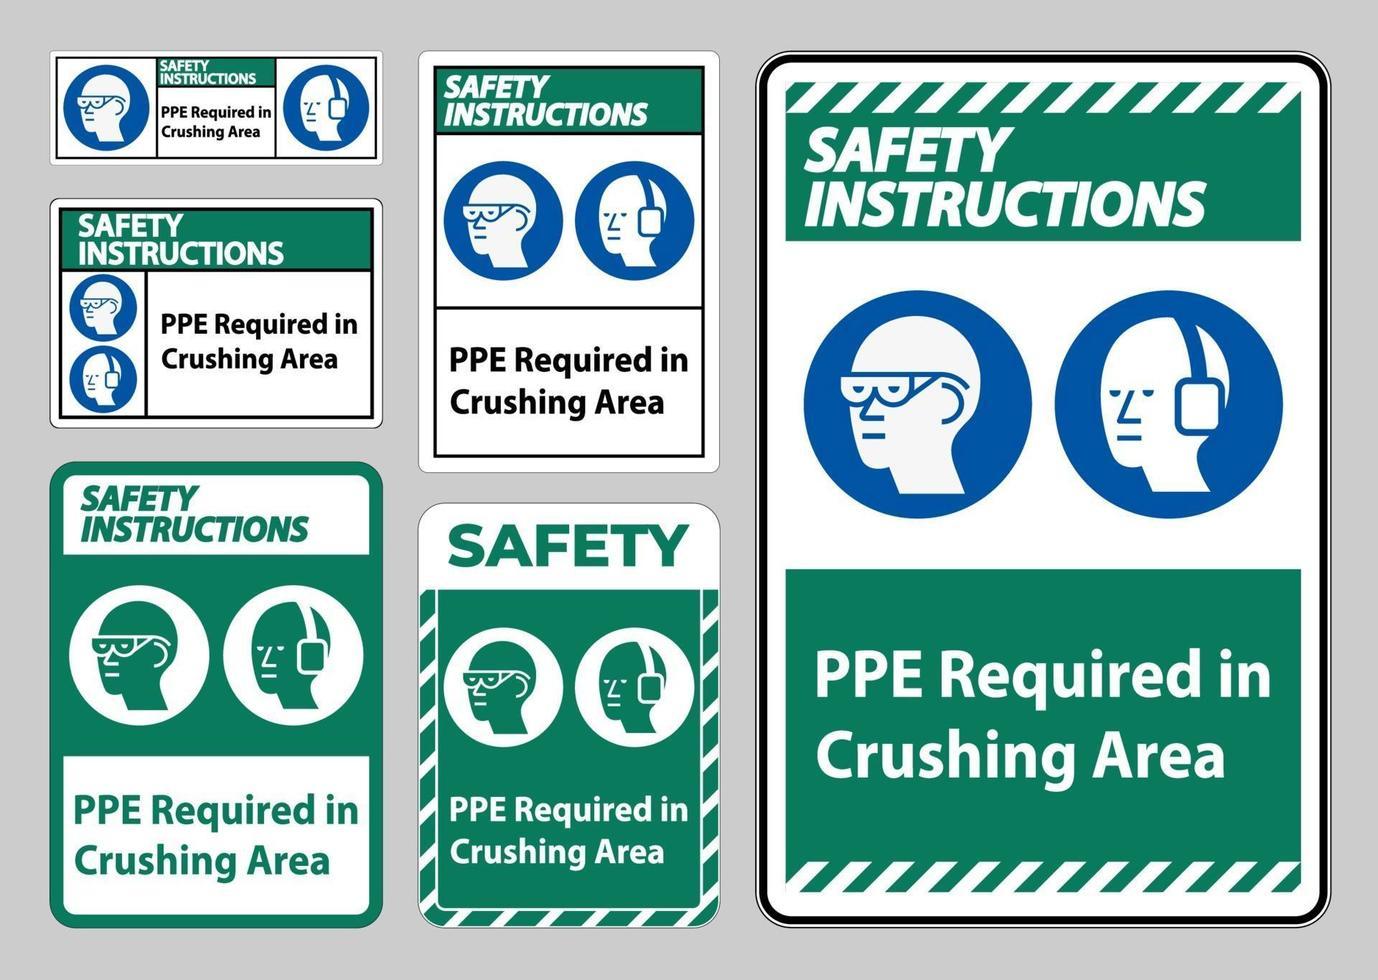 istruzioni di sicurezza firmare ppe richiesto nella zona di frantumazione isolare su sfondo bianco vettore